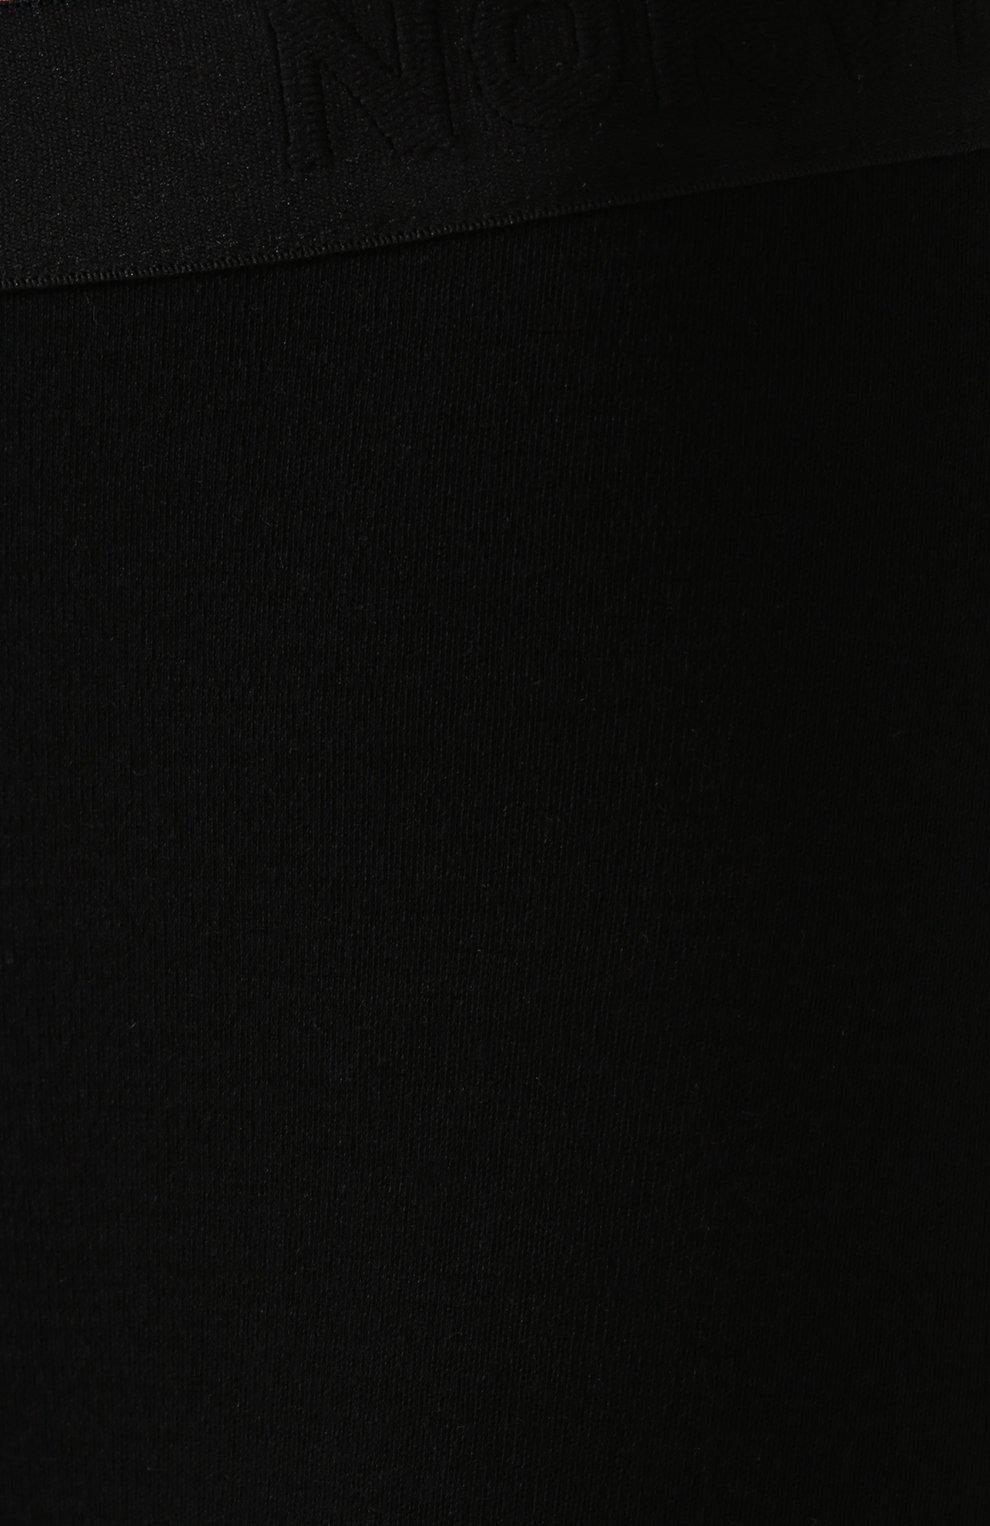 Шерстяные кальсоны | Фото №5